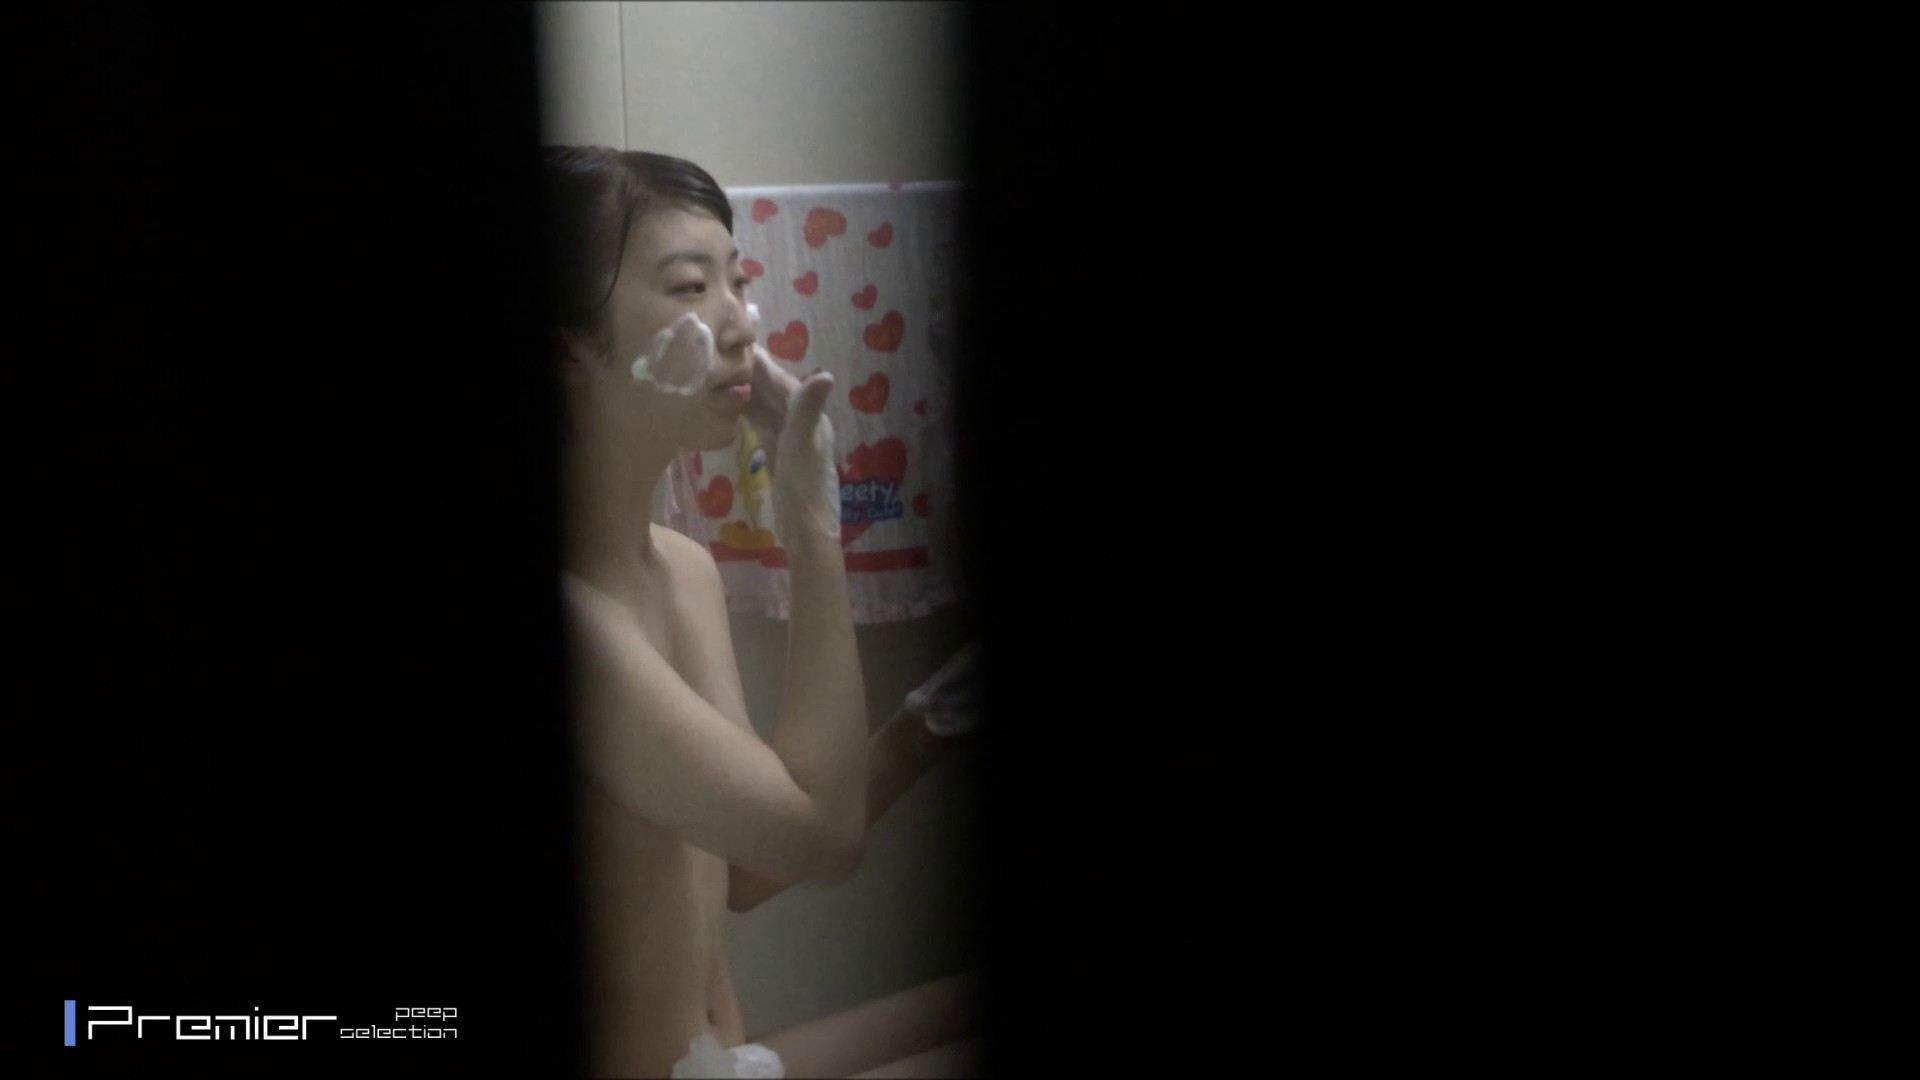 笑顔のスポーツ美女 乙女の風呂場 Vol.23 乙女ちゃん AV無料動画キャプチャ 54連発 43